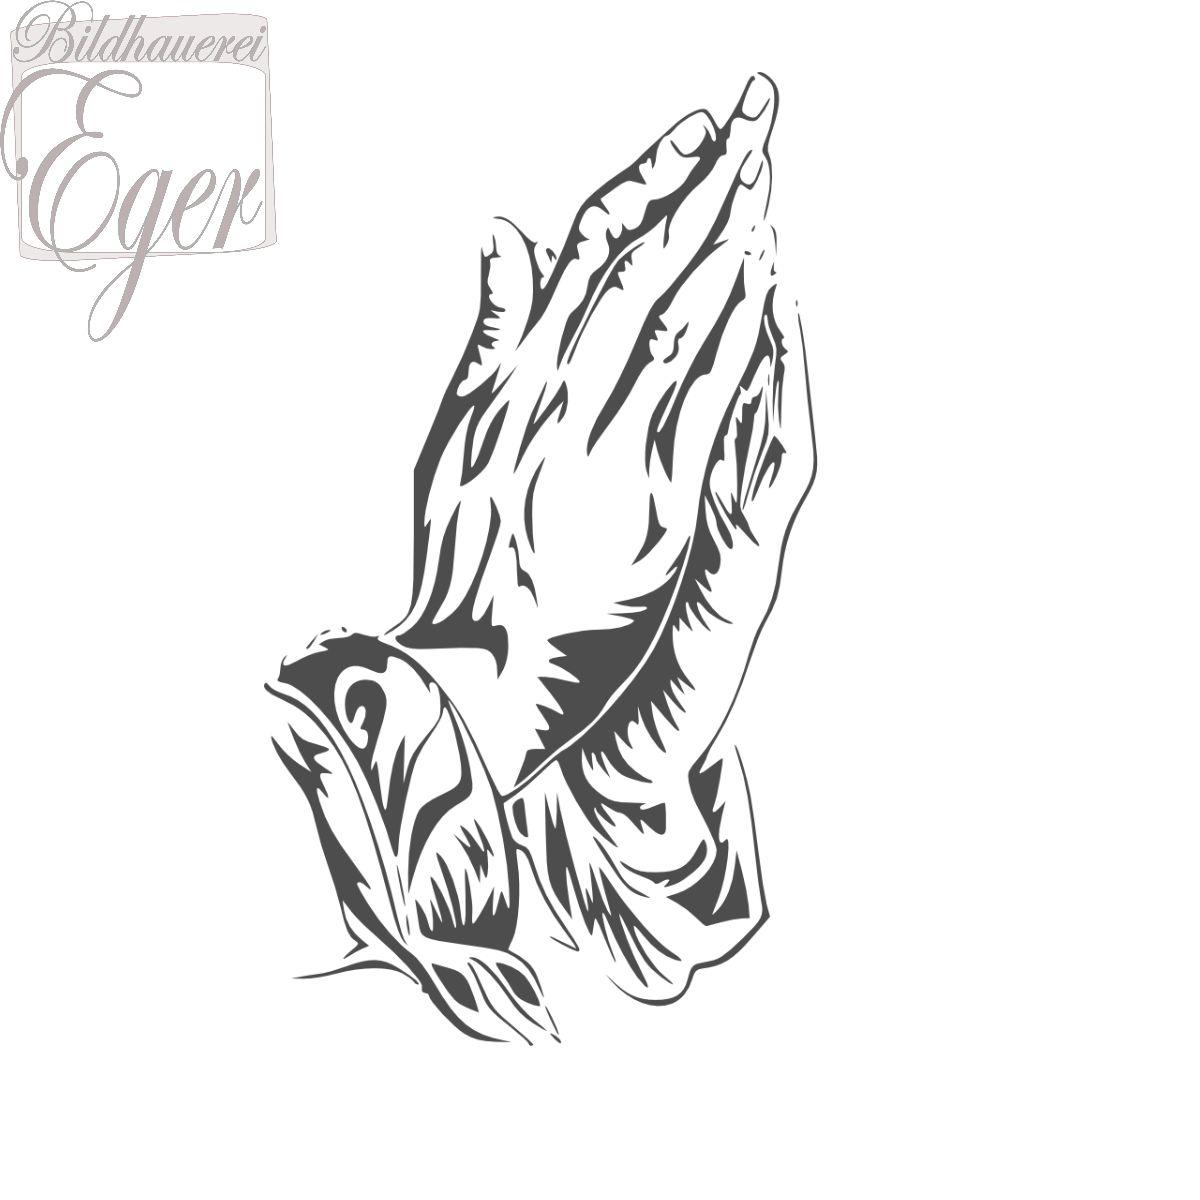 Betende Hände | Steinornamente / Grabornamente | Steinbeschriftung